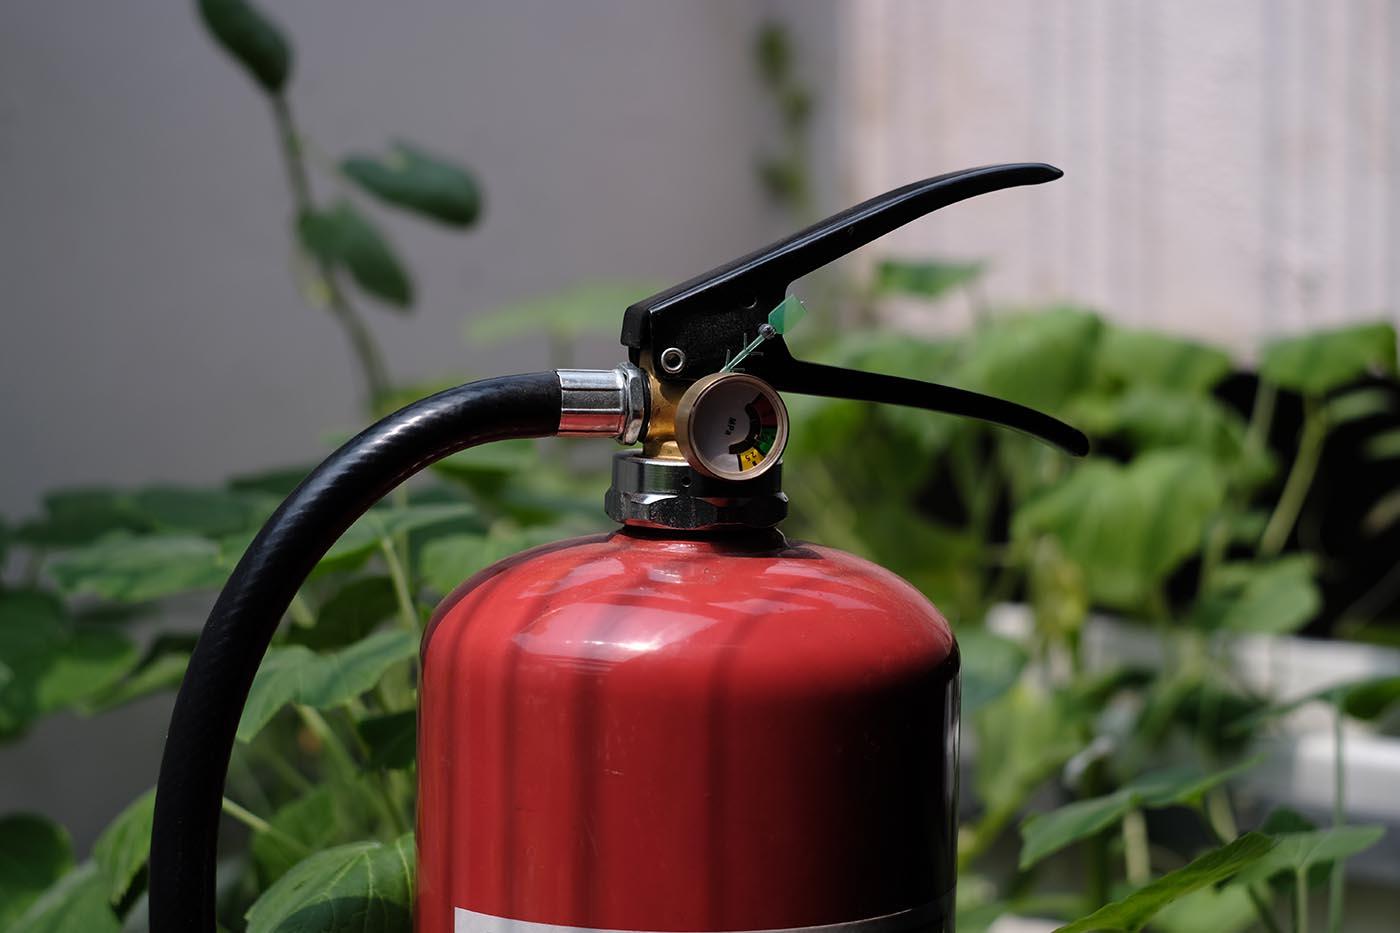 bình chữa cháy giá rẻ mua ở đâu